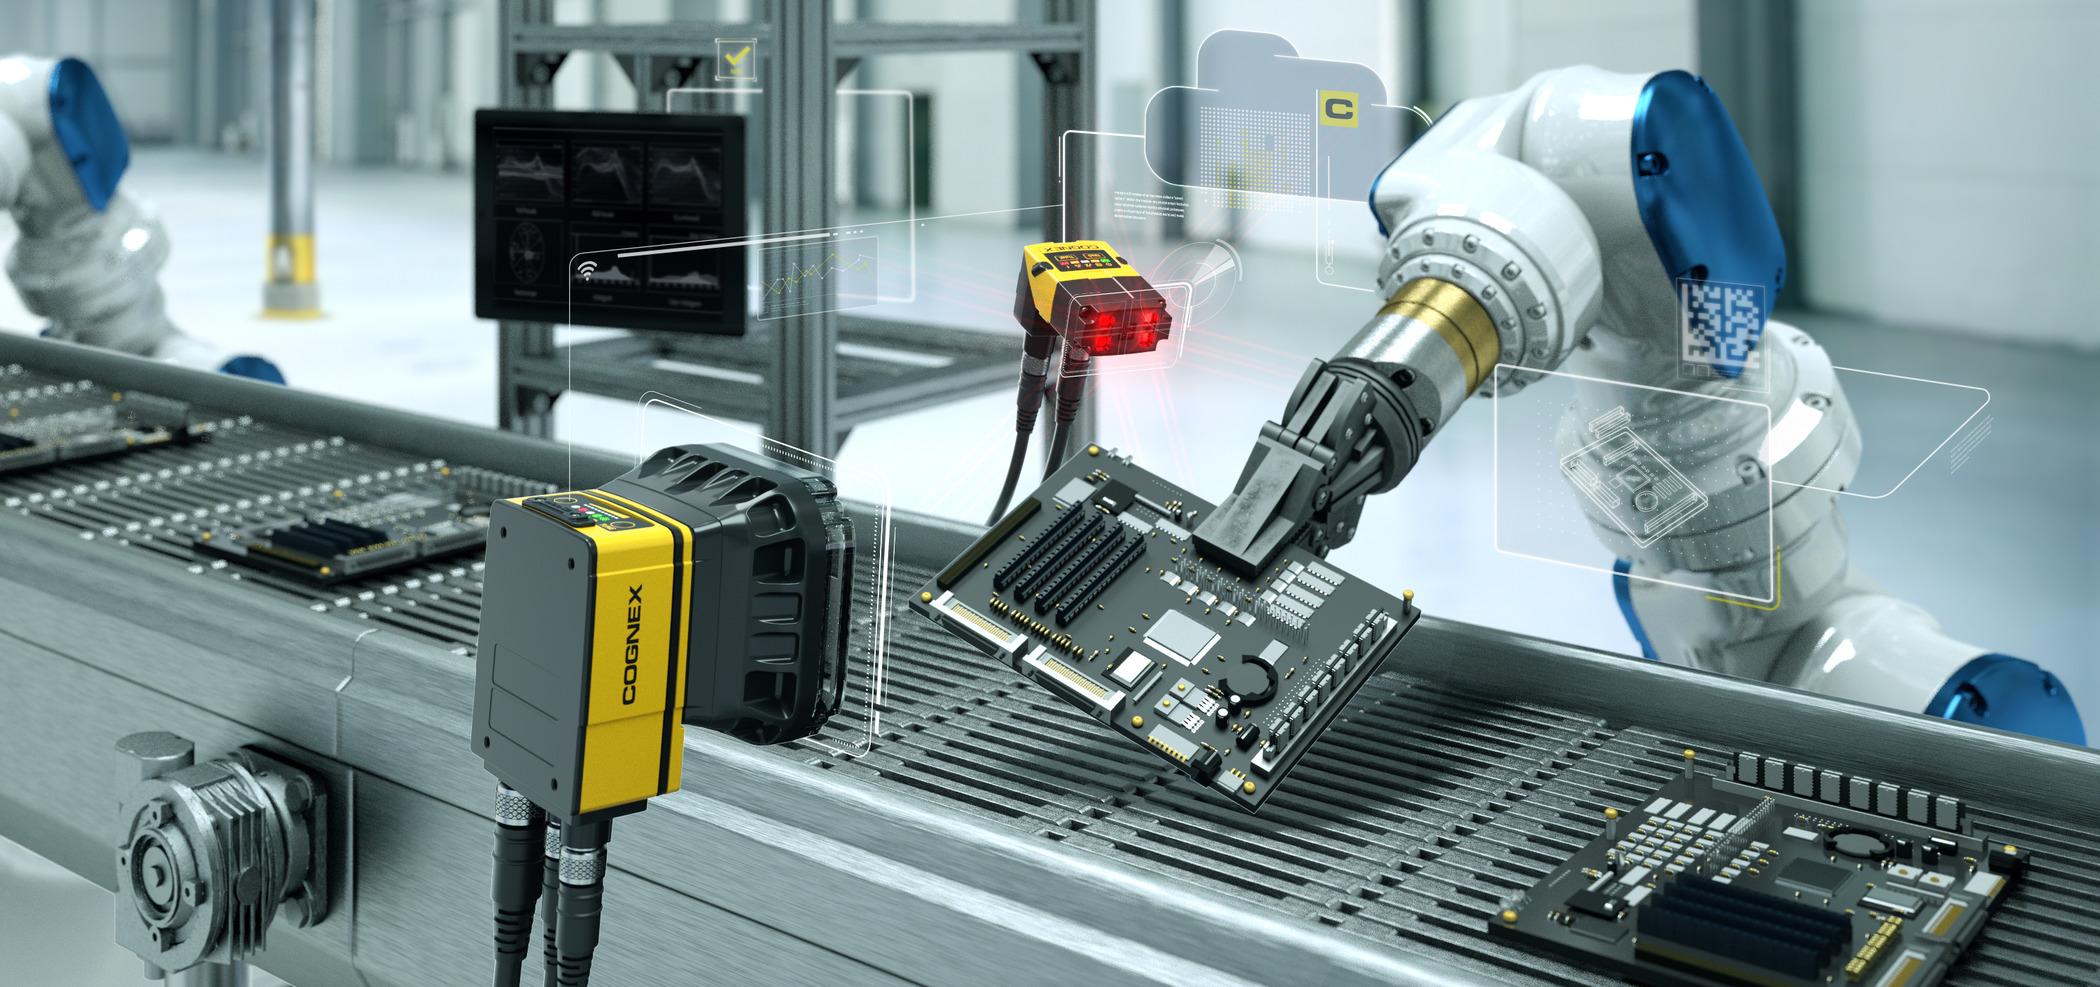 L'IT per la fabbrica smart. I tre fattori chiave del cambiamento